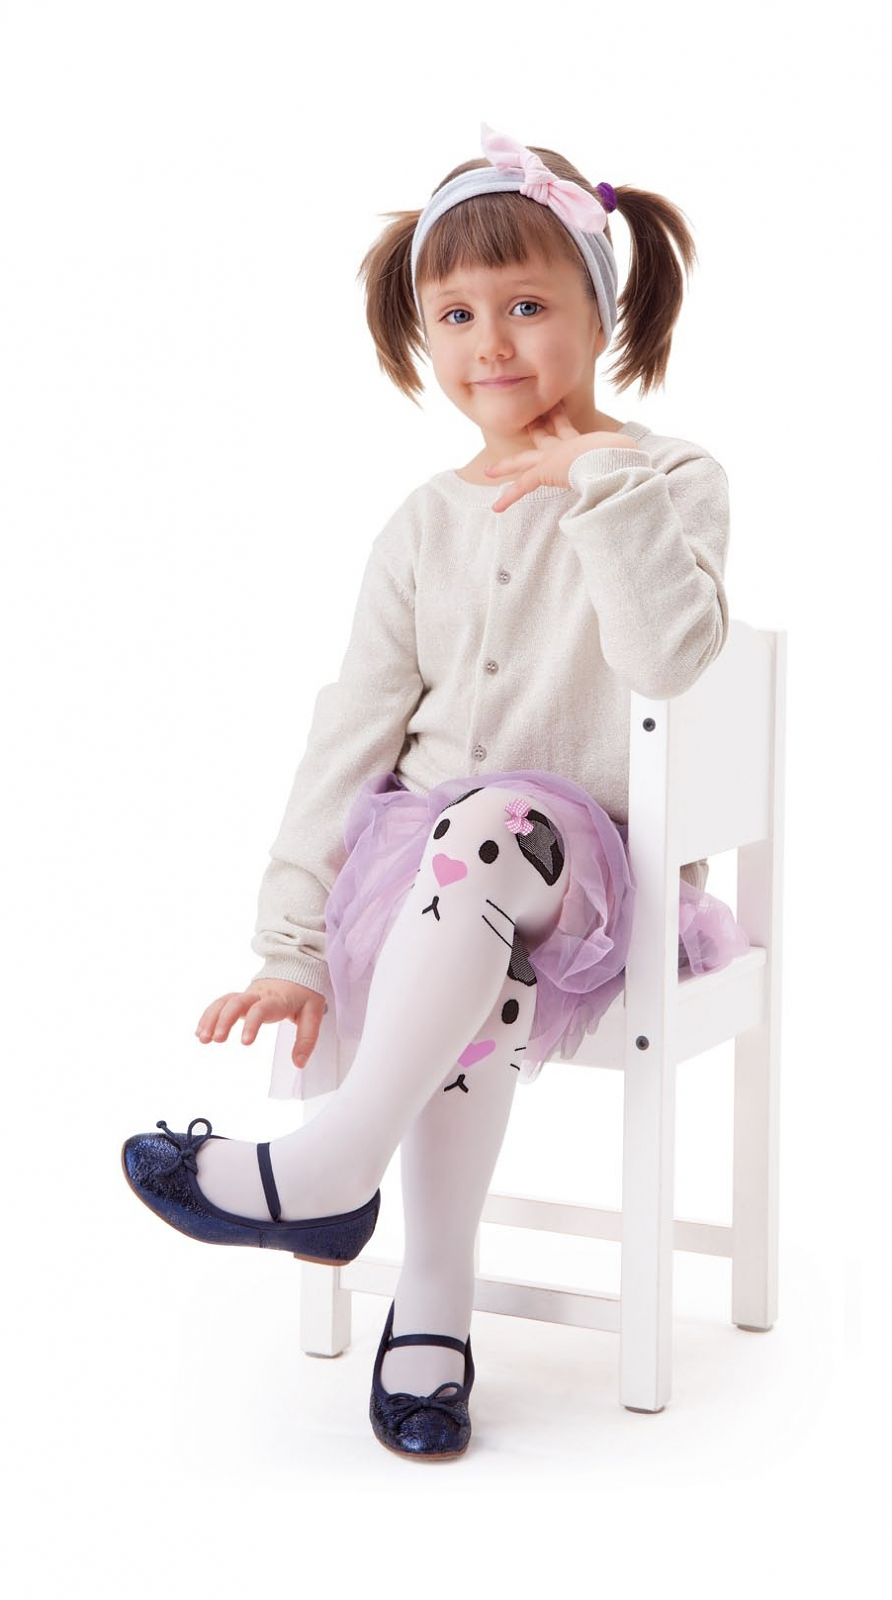 Dětské punčochy Knittex Noa Rabbit 40 den - Bílá/104-110